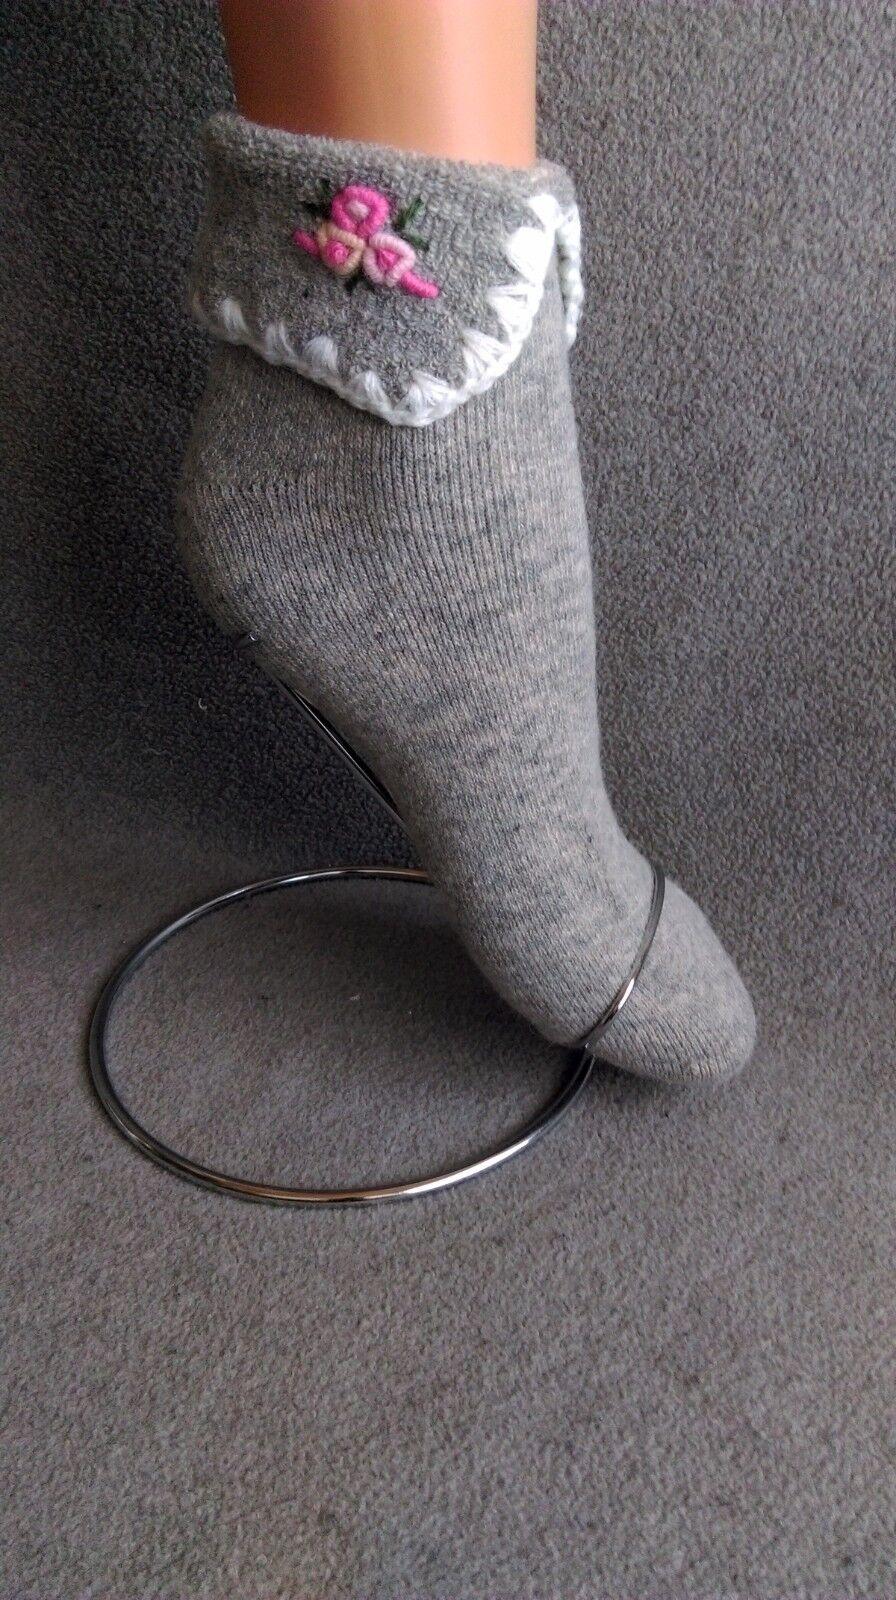 Markenqualität 20 P Socken Damensocken Gesundheitssocken venenfreundlich geprüft